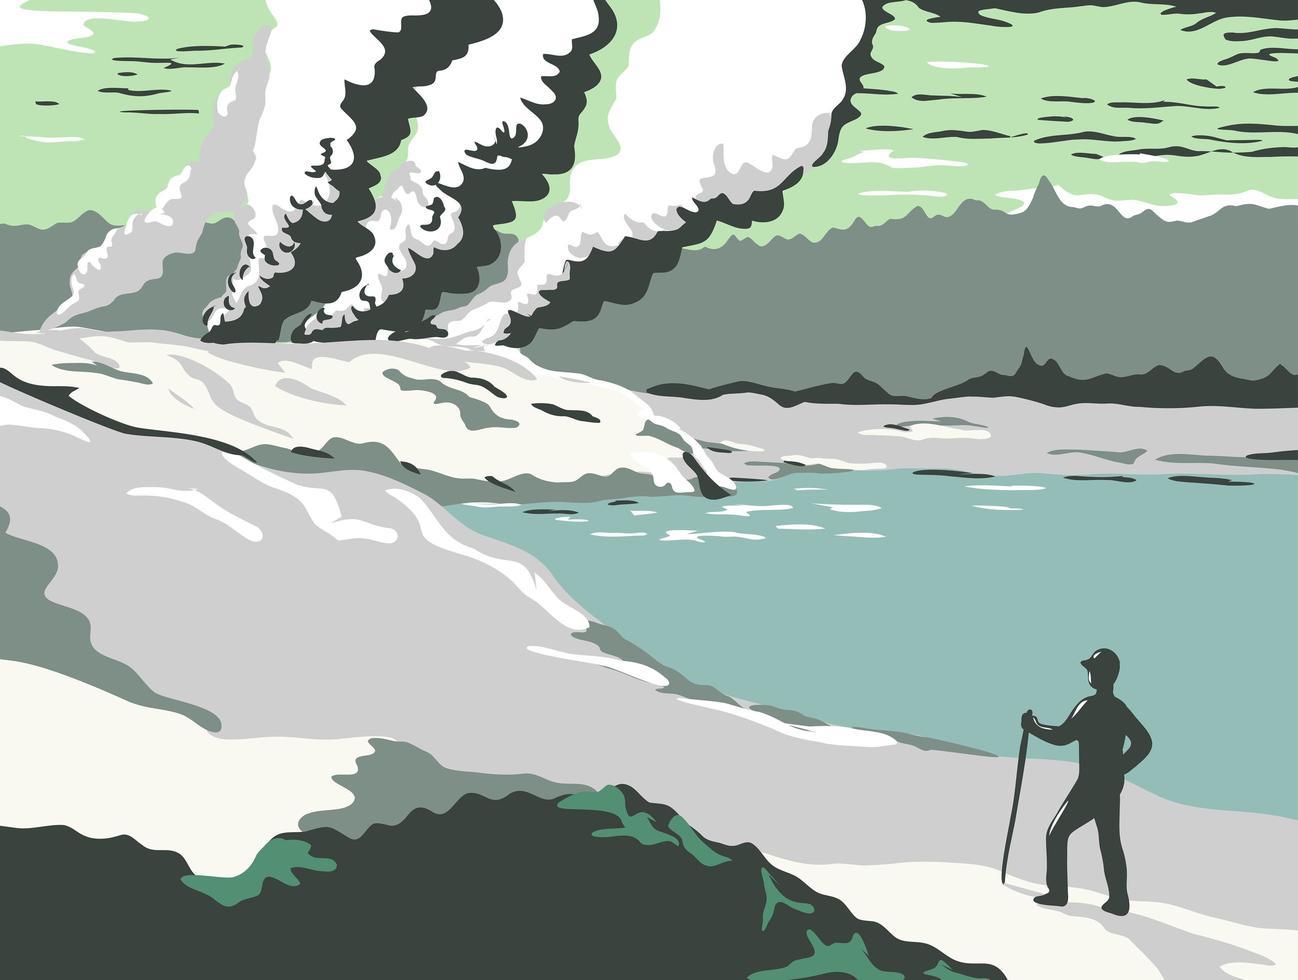 lera pooler och skjuta gejsrar affisch vektor